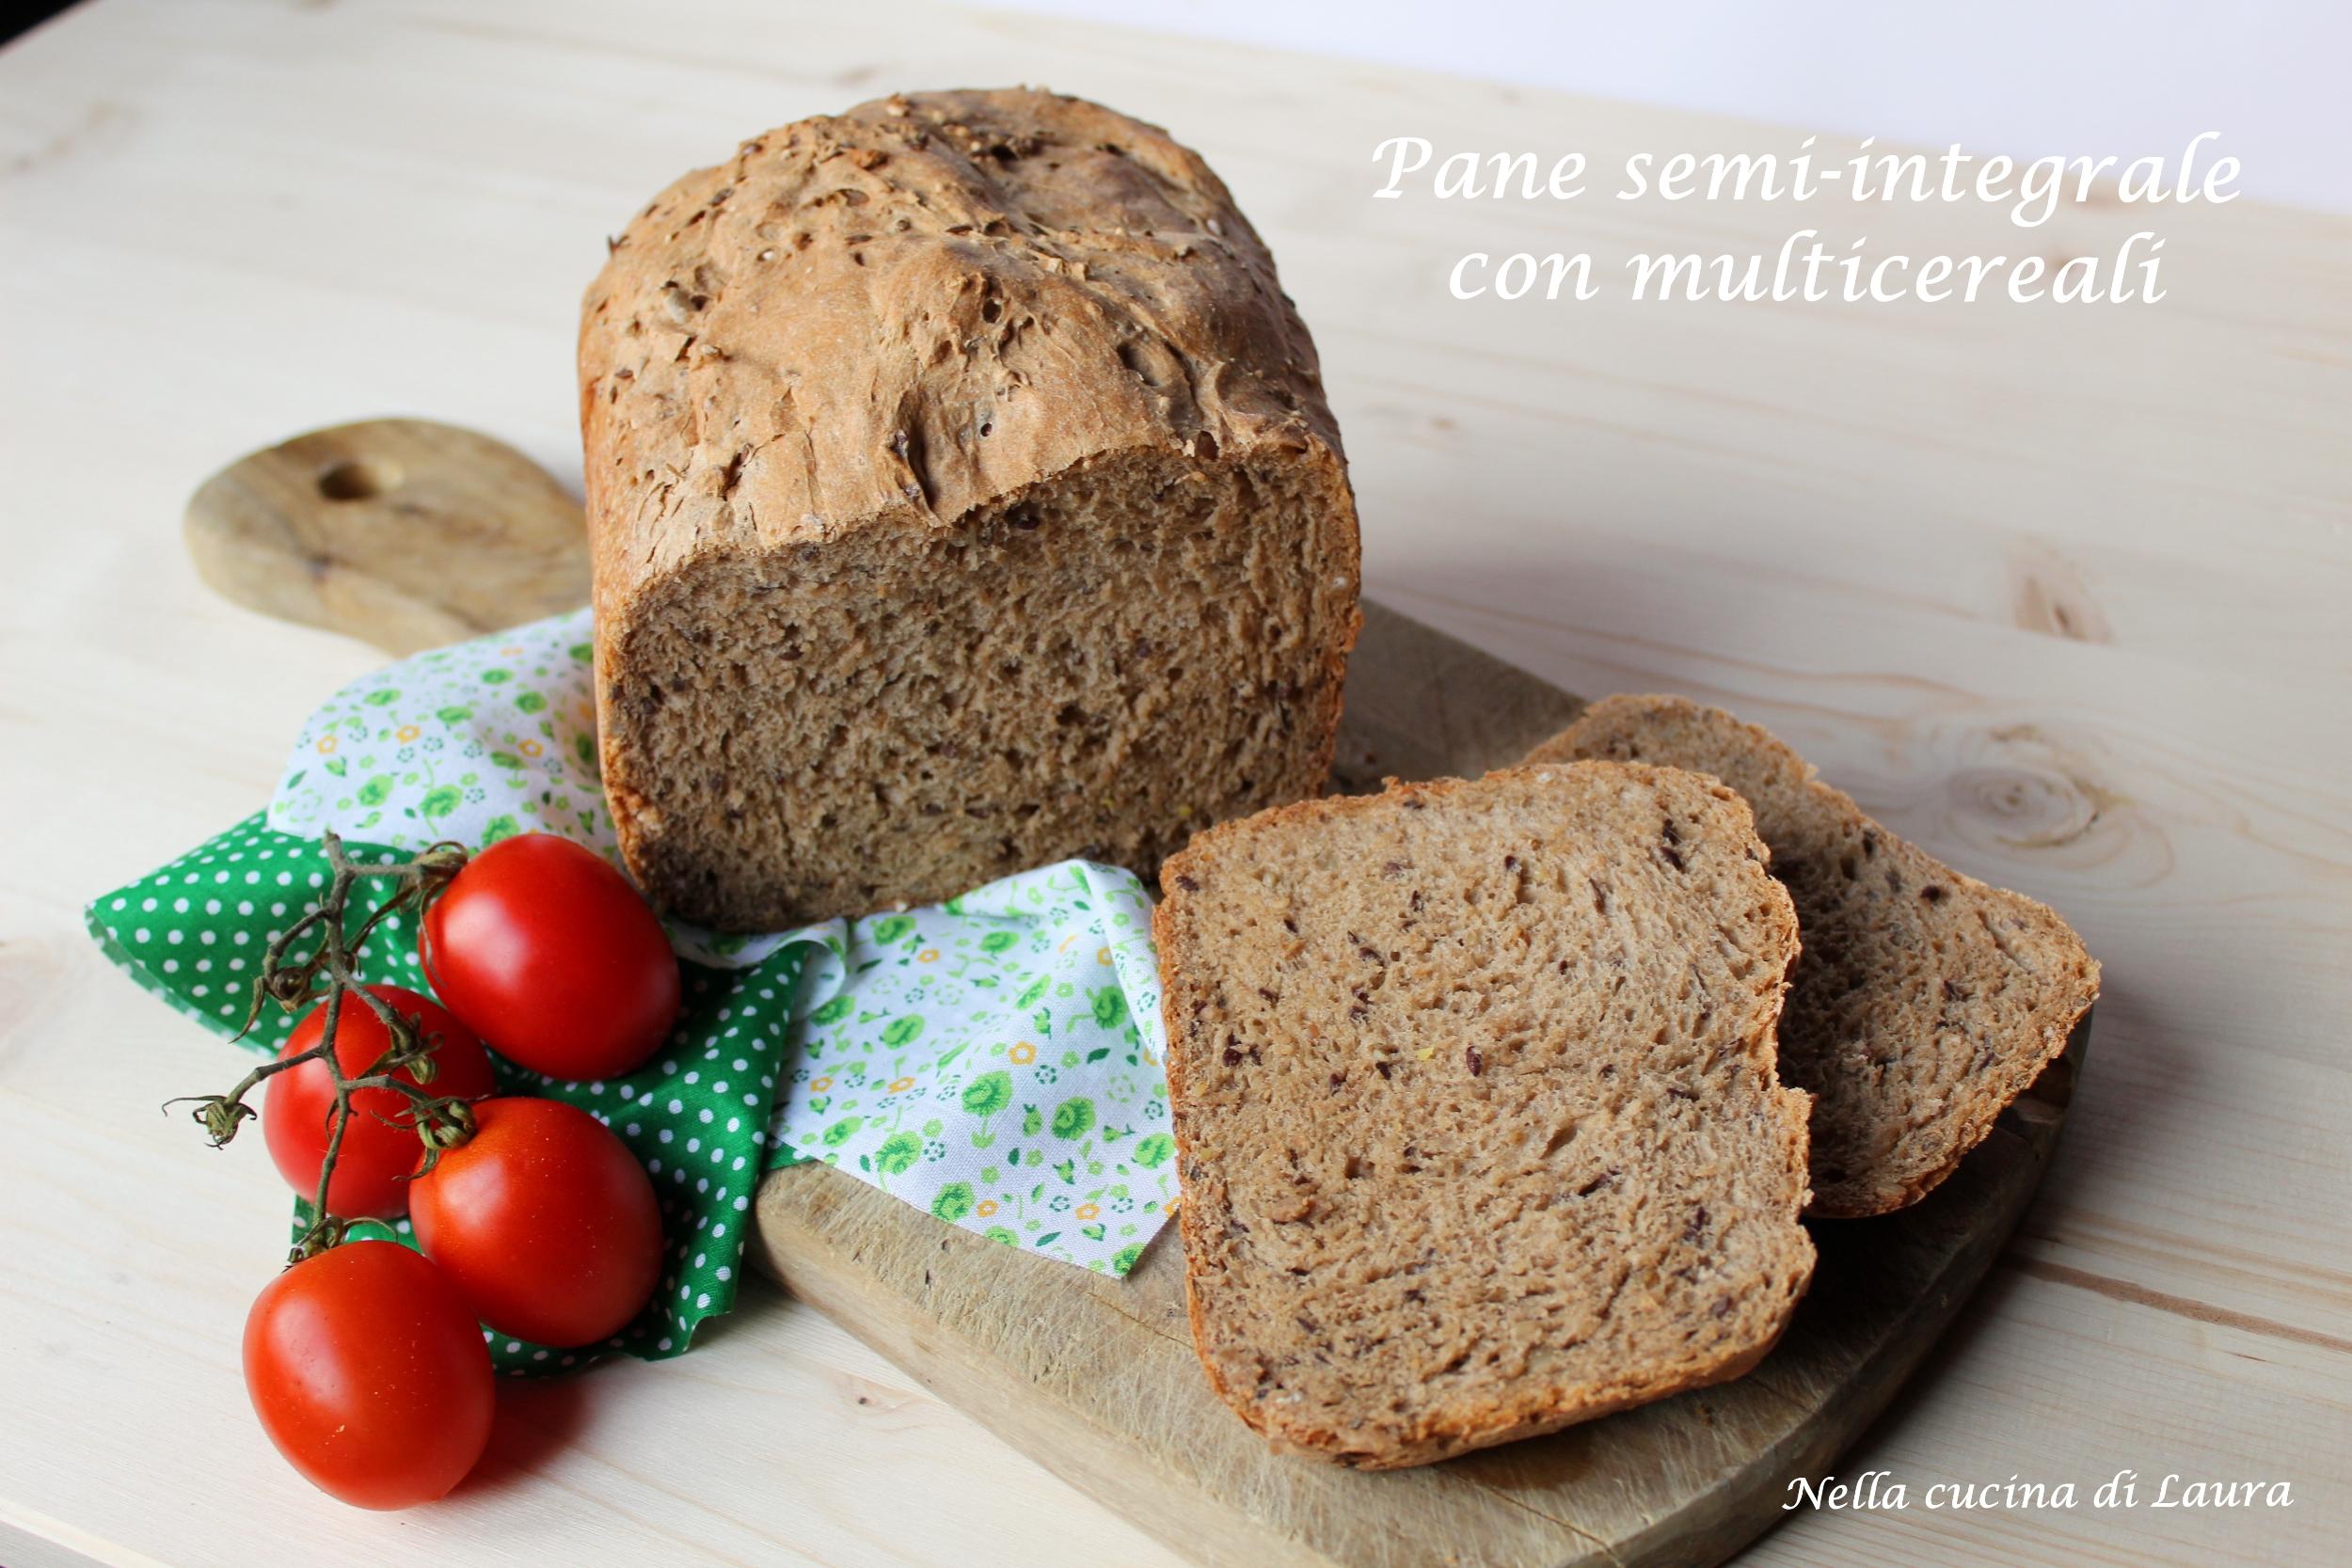 Ricetta Del Pane Integrale.Pane Semi Integrale Con Multicereali Ricetta Per La Macchina Del Pane Nella Cucina Di Laura